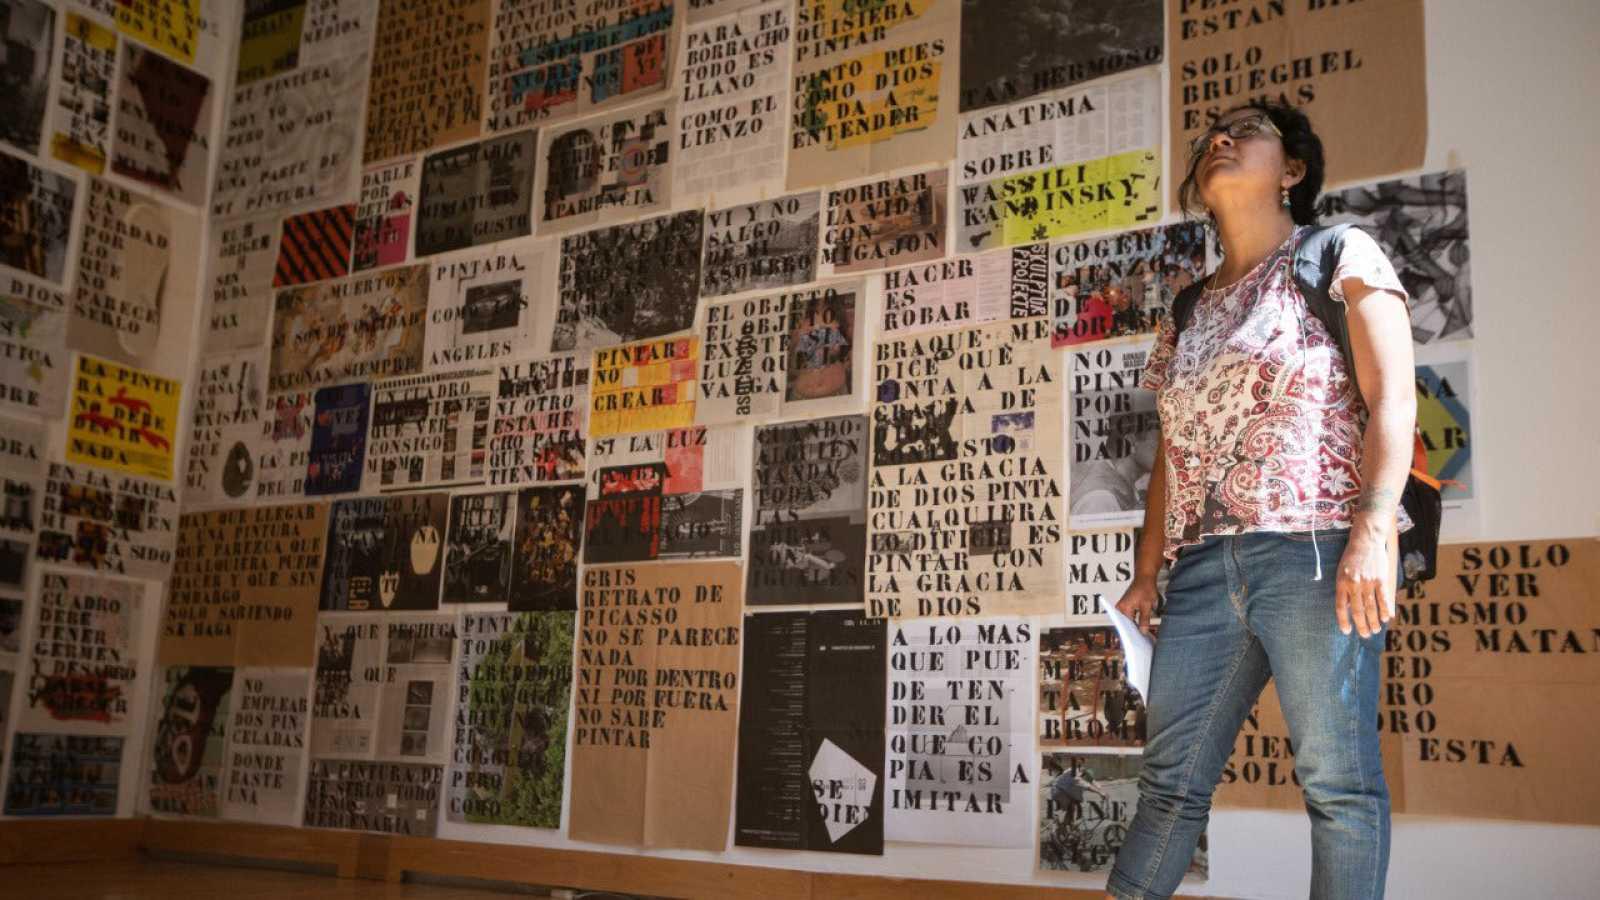 Hora América - La exposición 'La cuestión es ir tirando' en el Centro Cultural de España en México - 10/02/20 - escuchar ahora